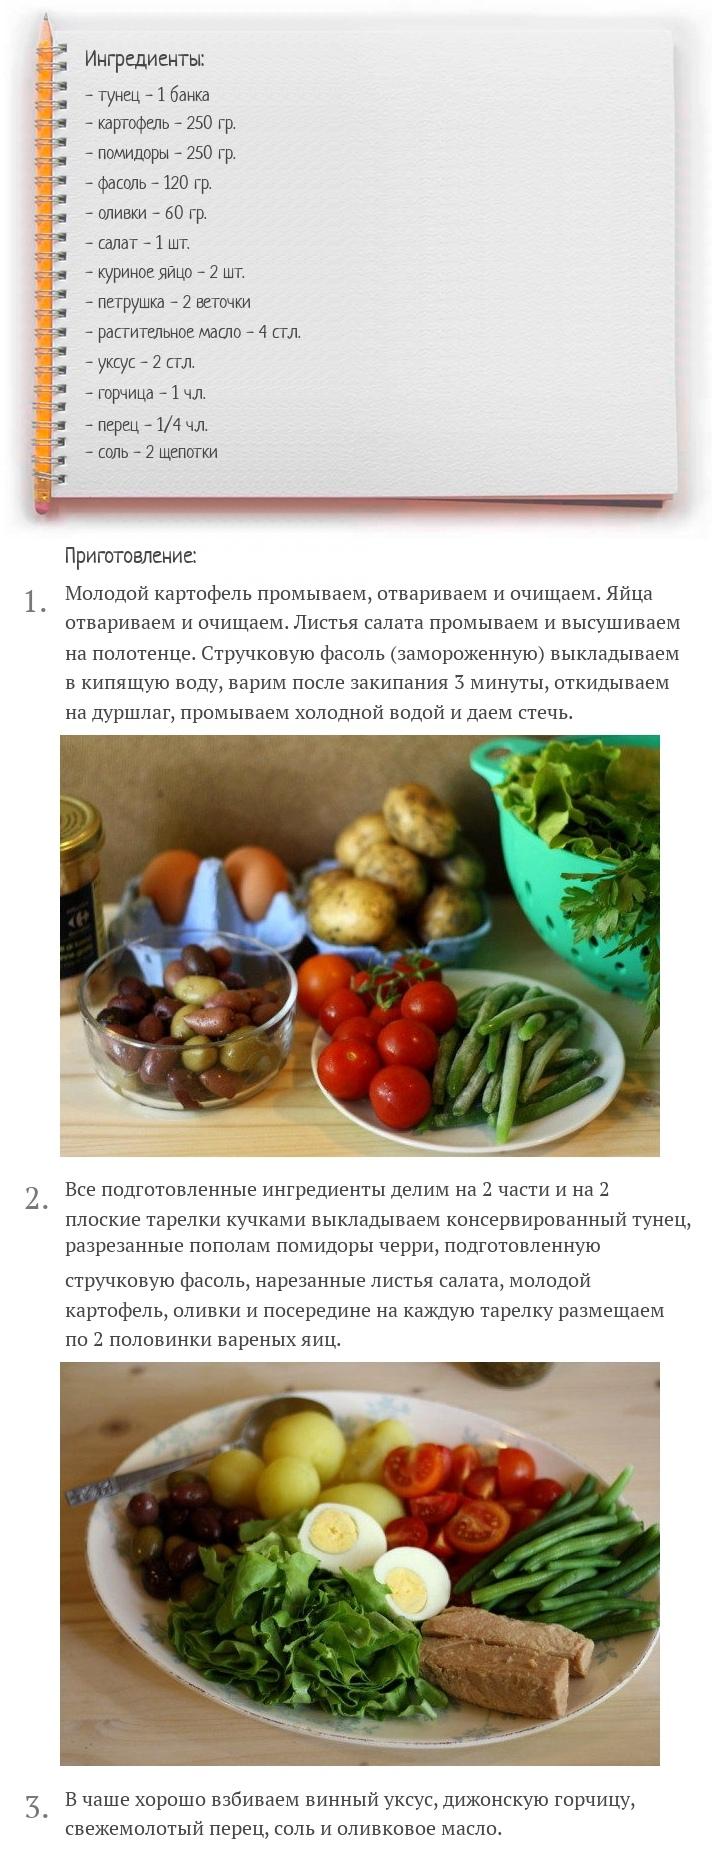 Салат из тунца, овощей и яиц Нисуаз, изображение №2